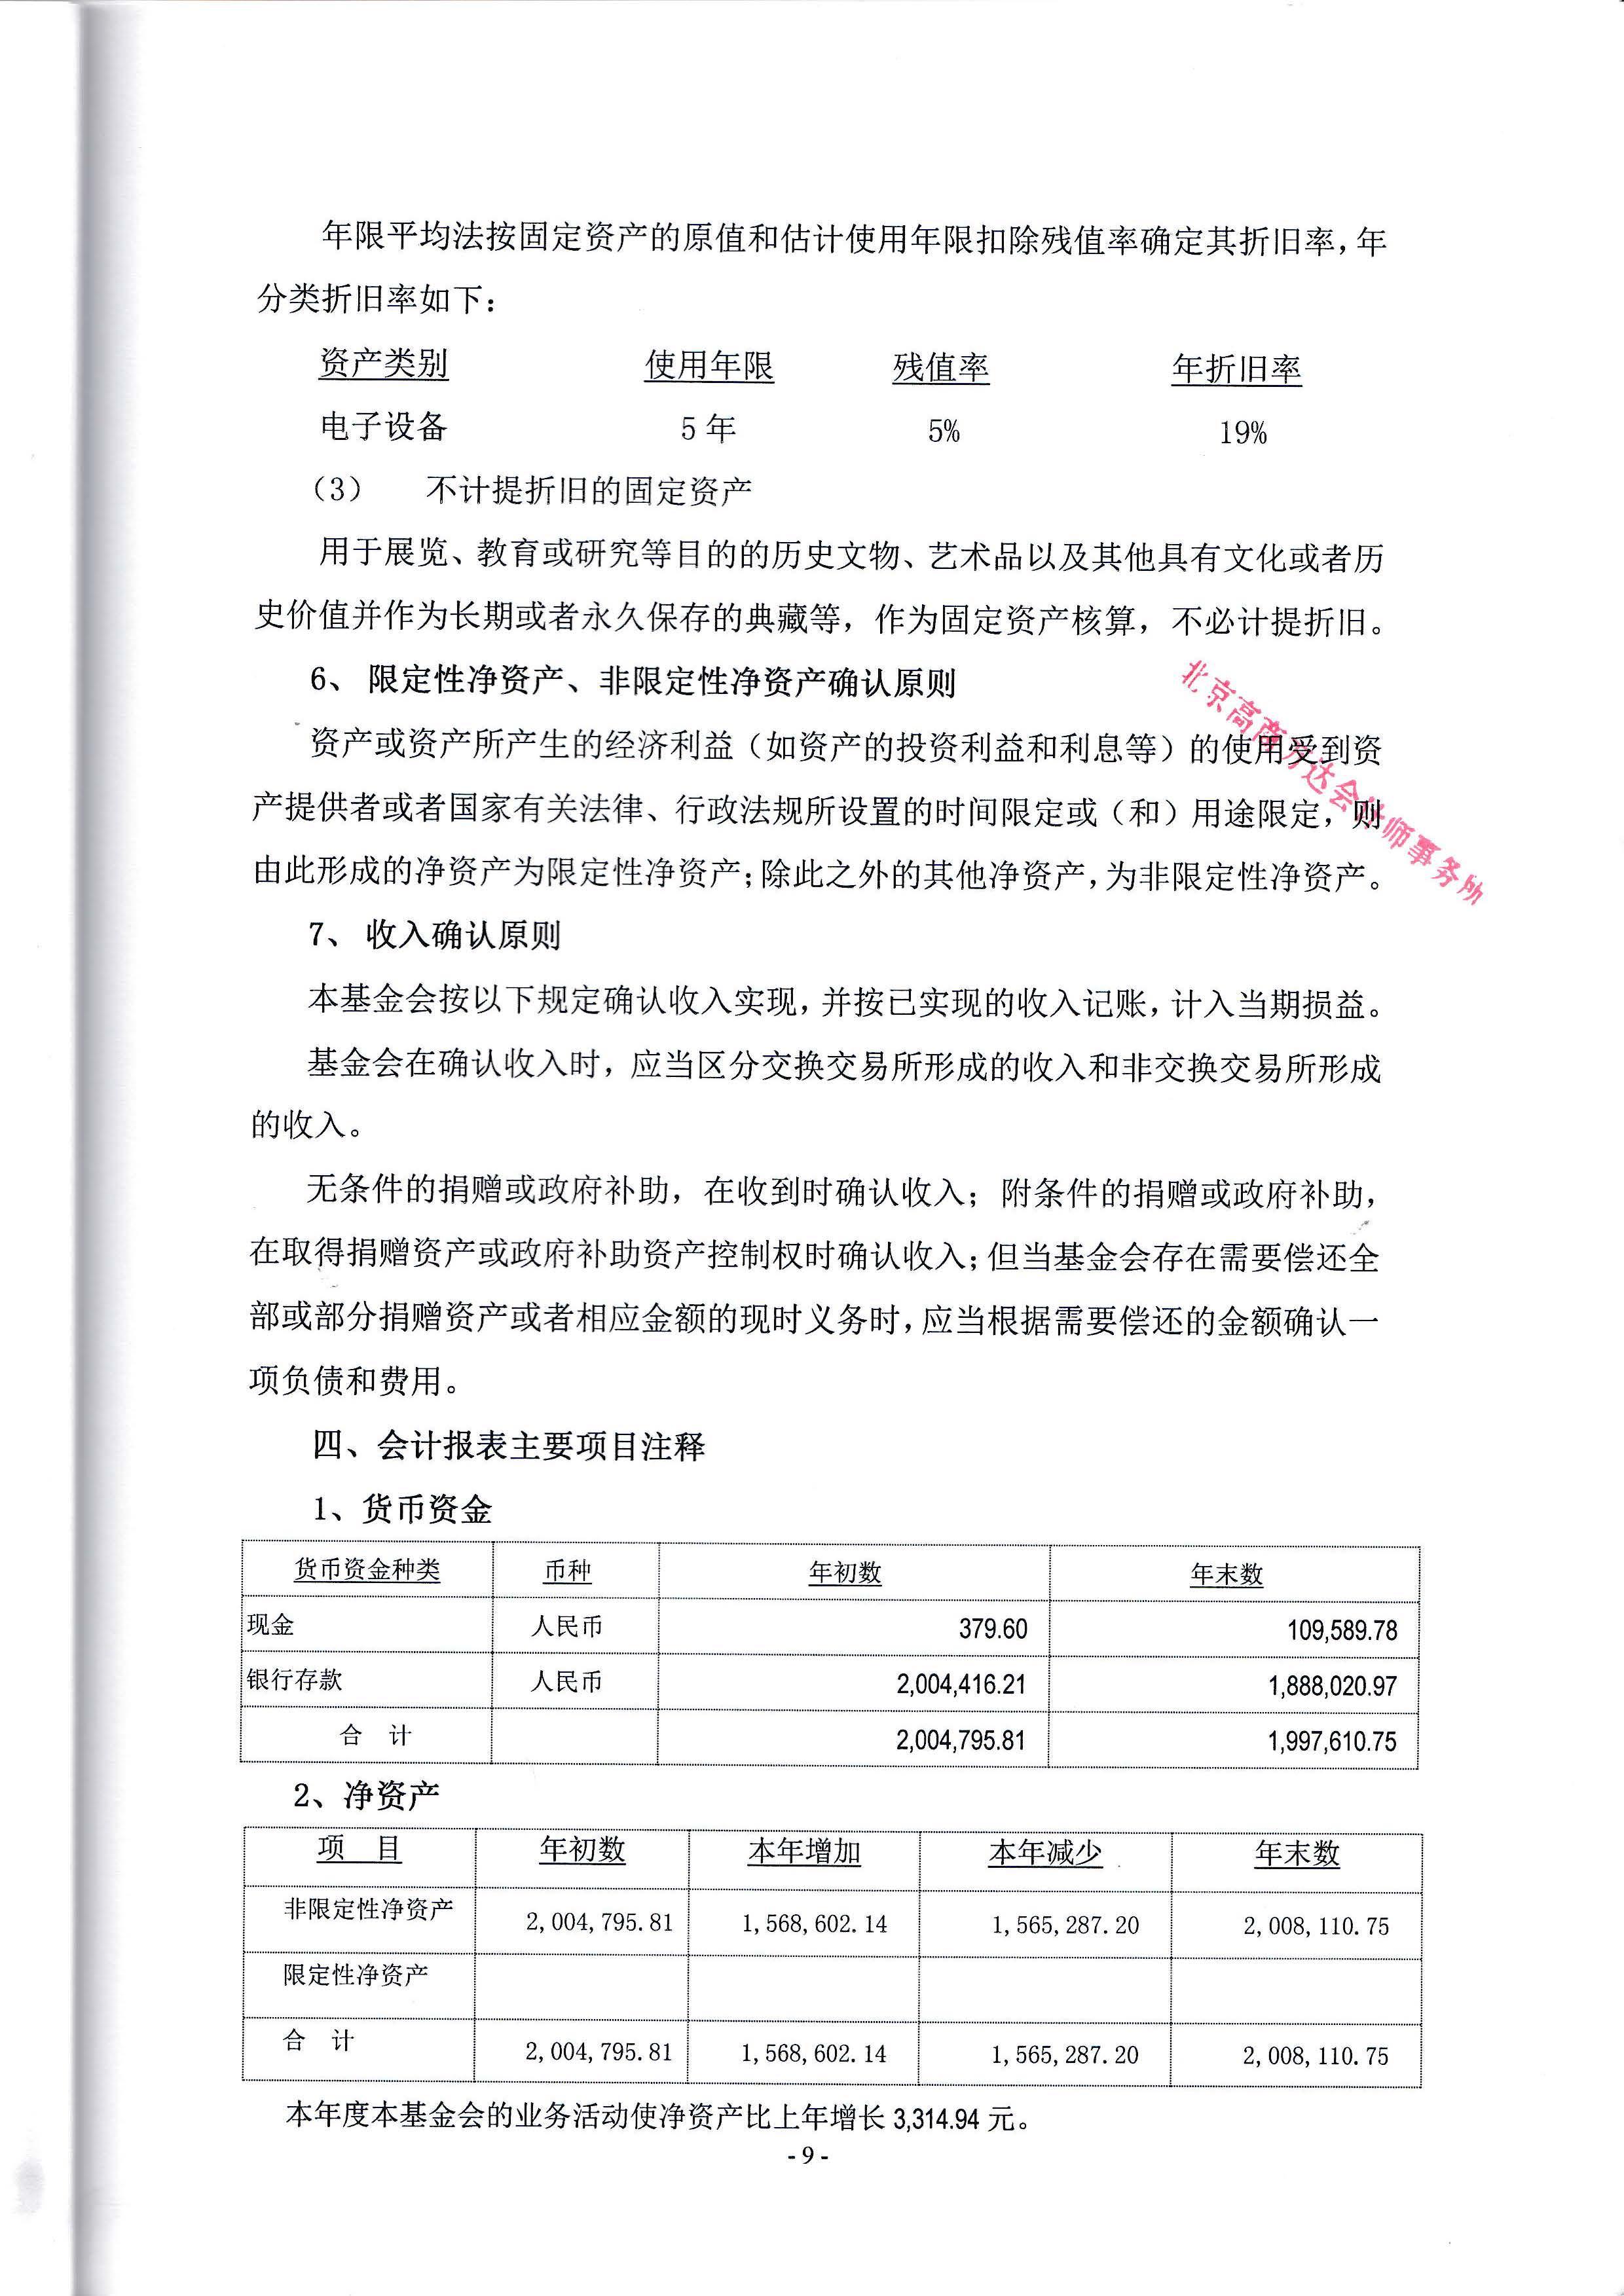 2014年审计报告_页面_11